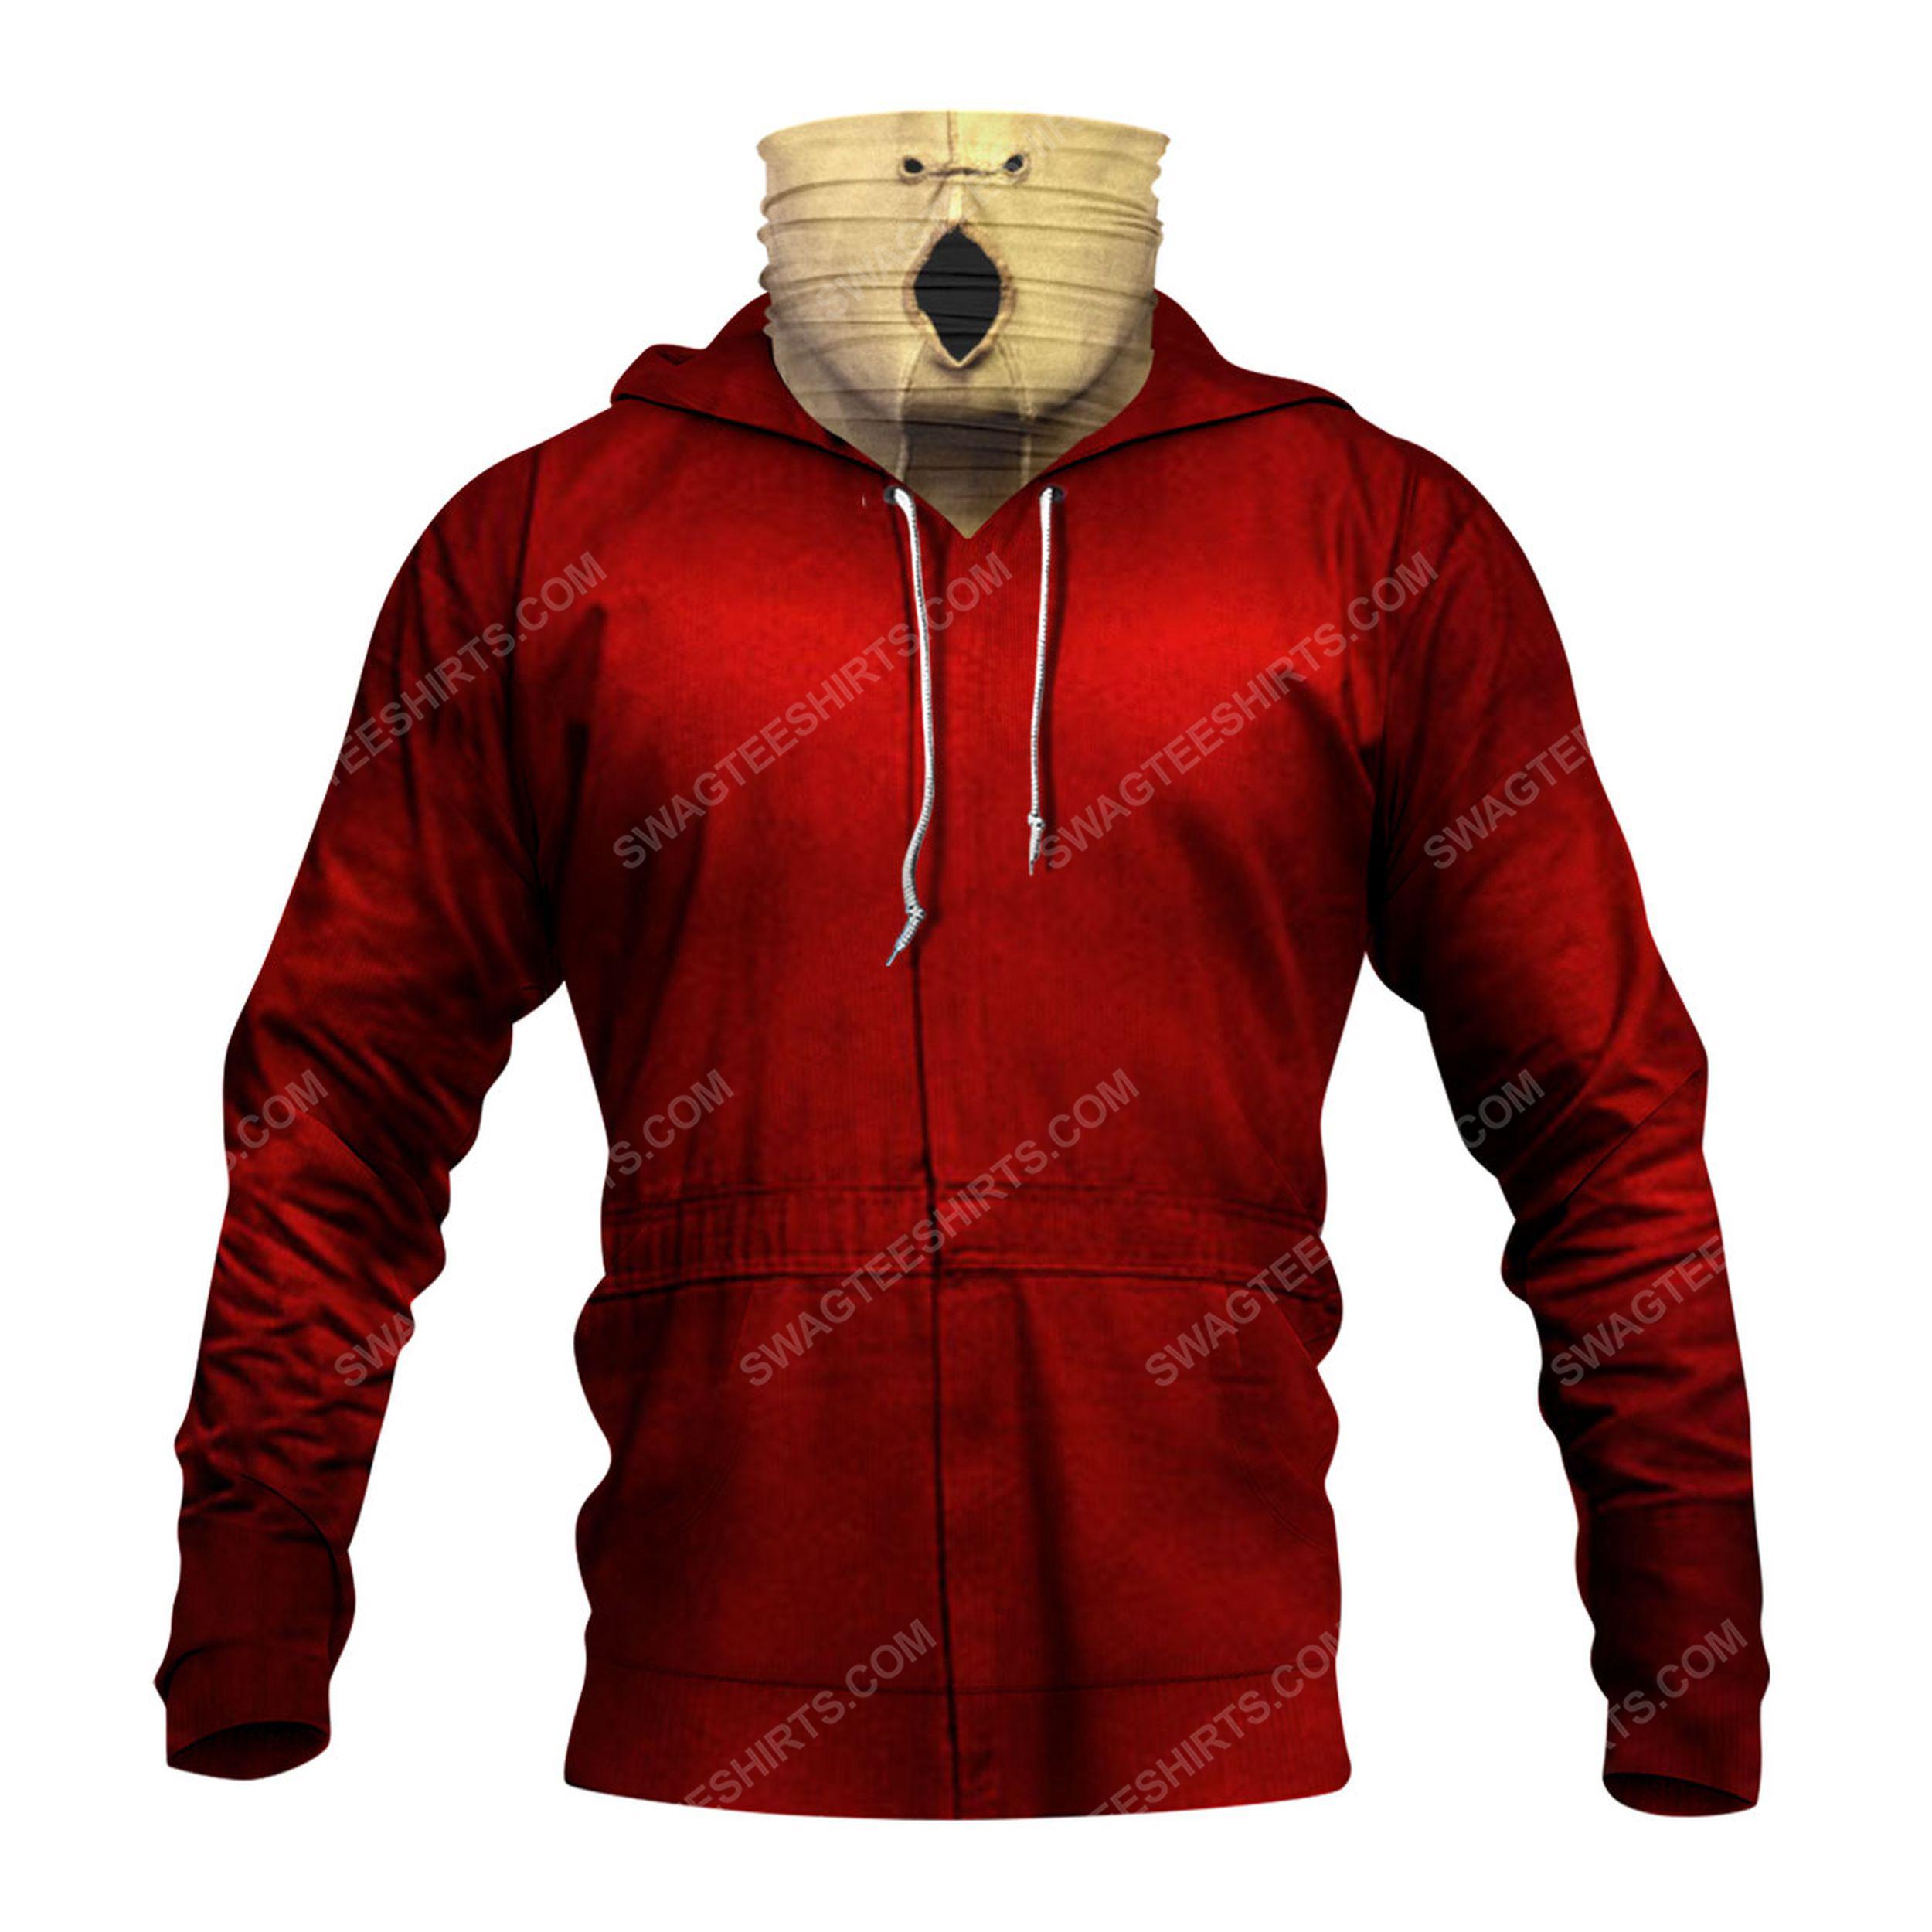 US movie character horror movie full print mask hoodie 3(1)